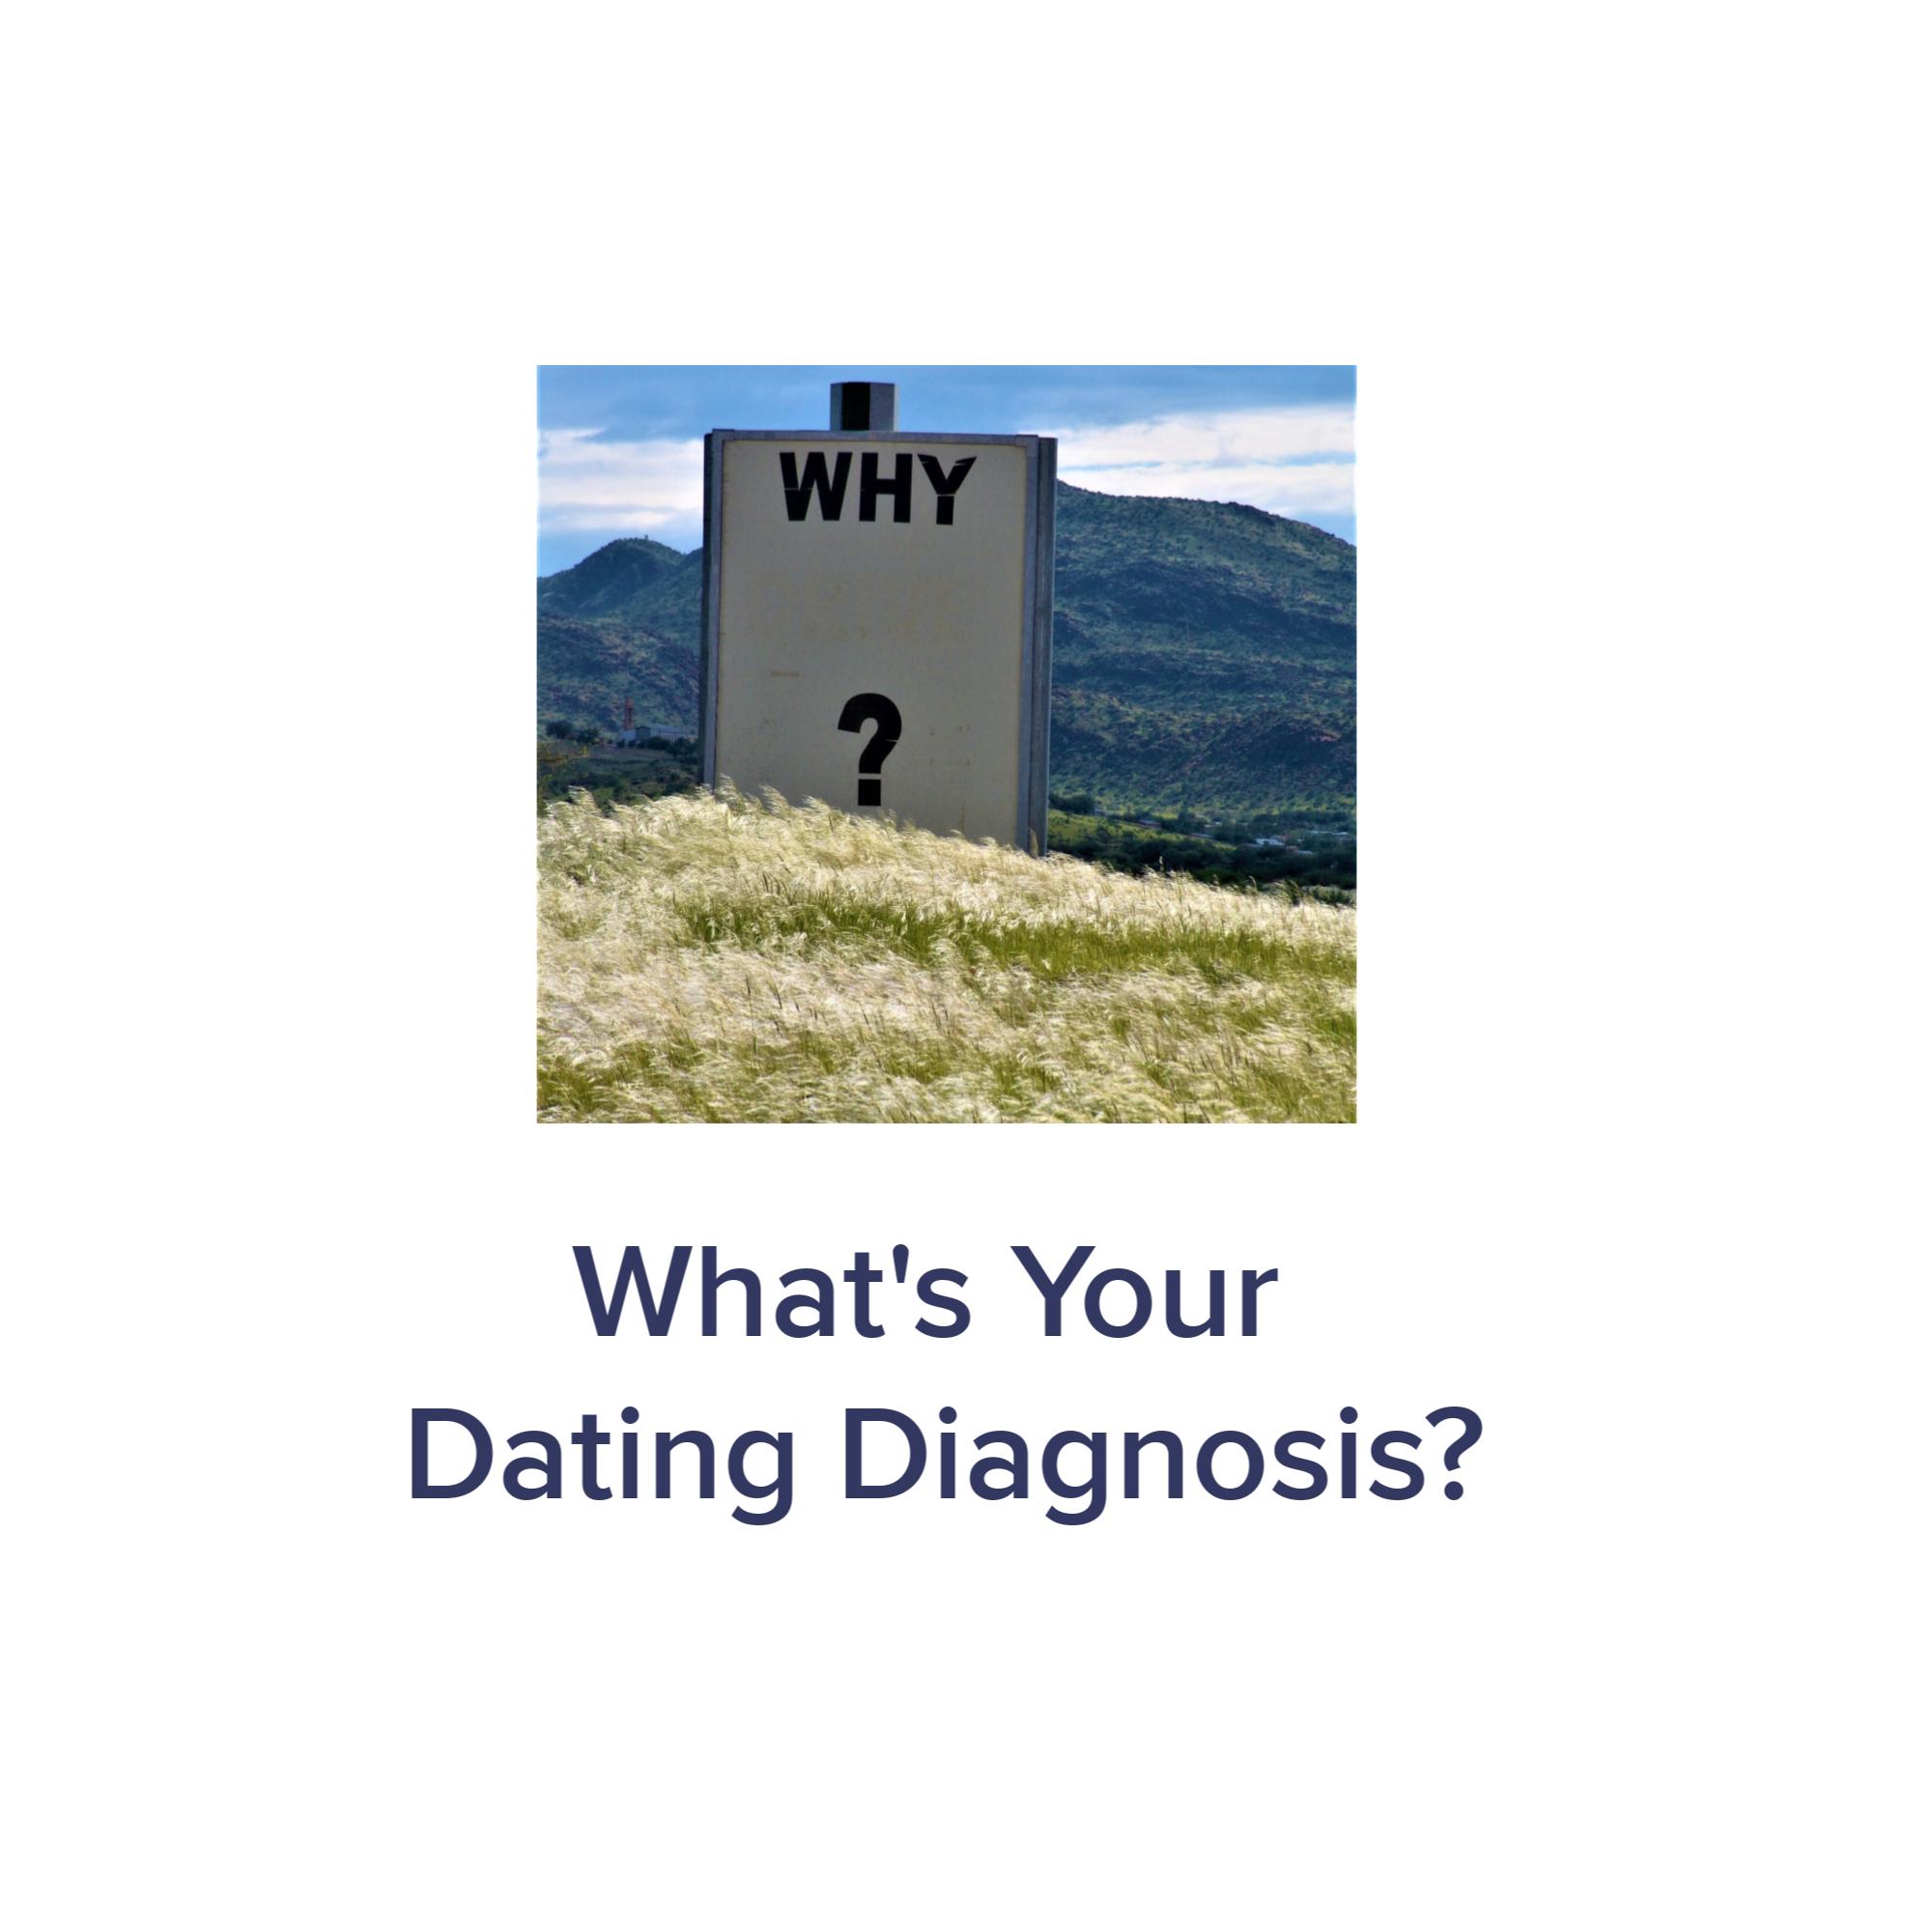 2-14 FH social dating diagnosis.png